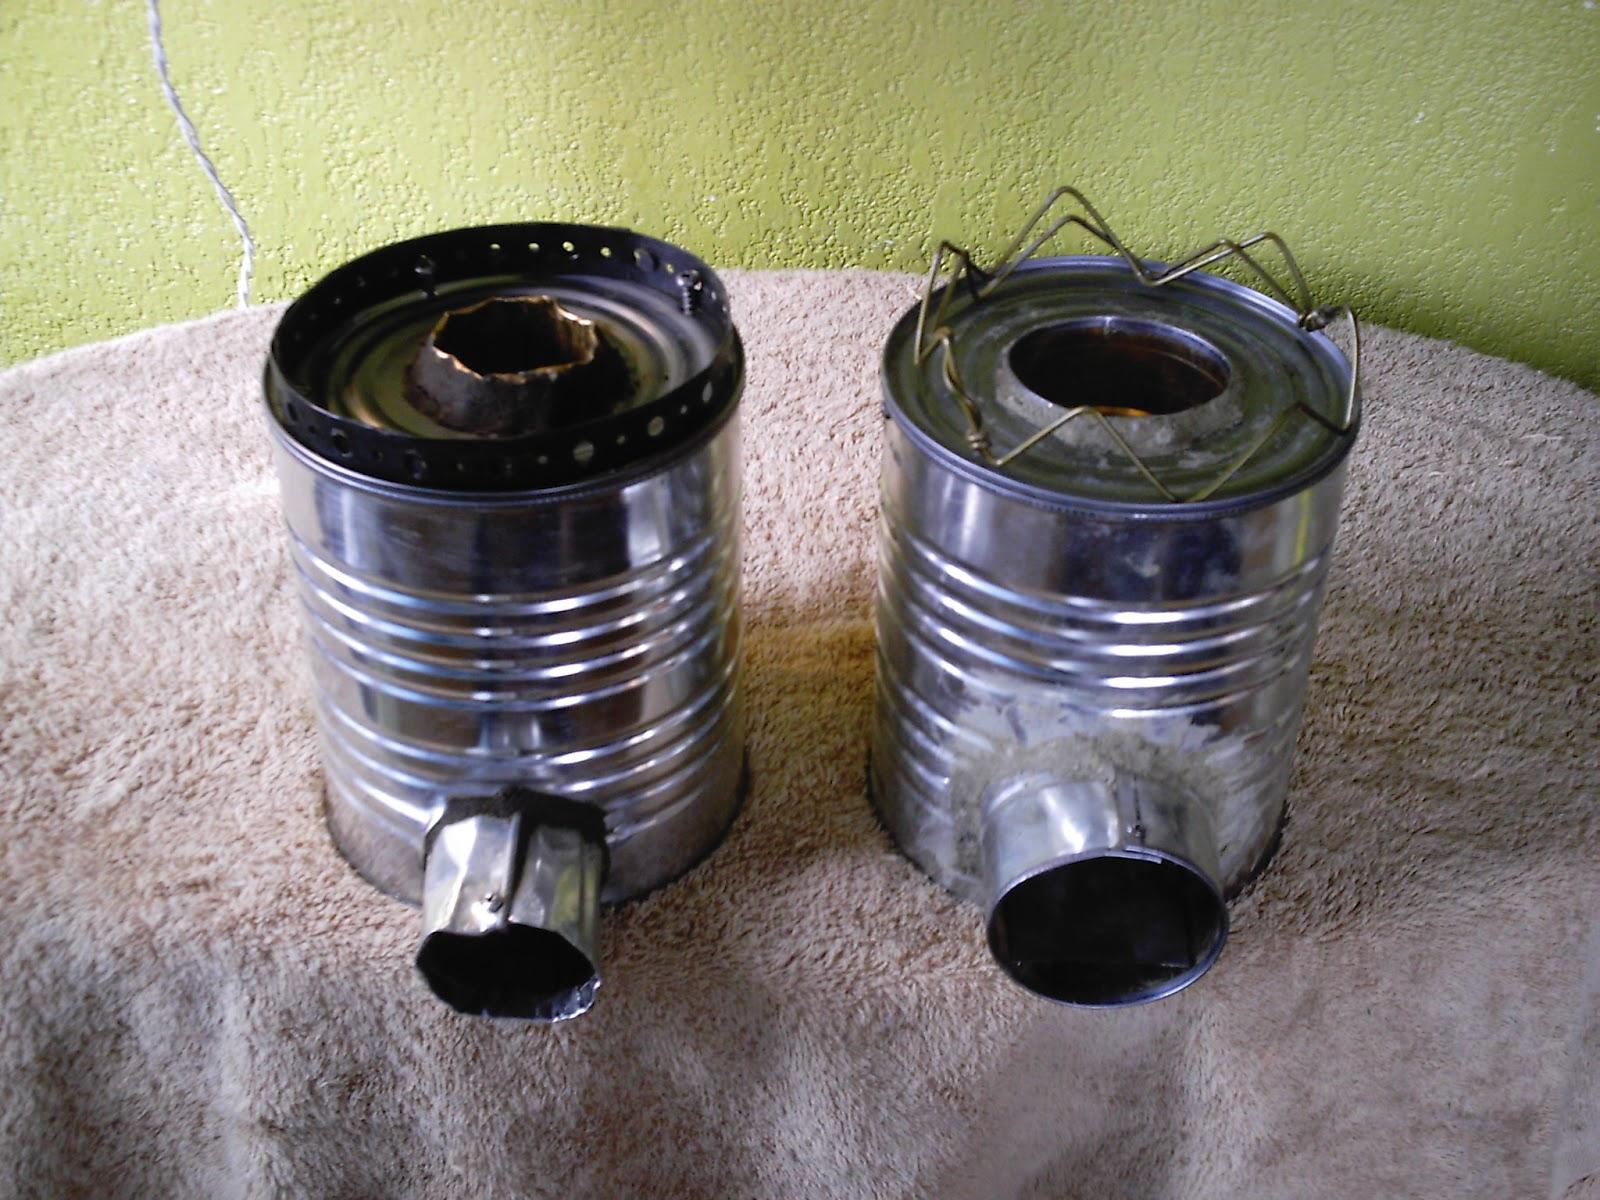 Dituttounpo la rocket stove ovvero una stufa fai da te self made per cucinare come - Stufa a pellet per cucinare ...